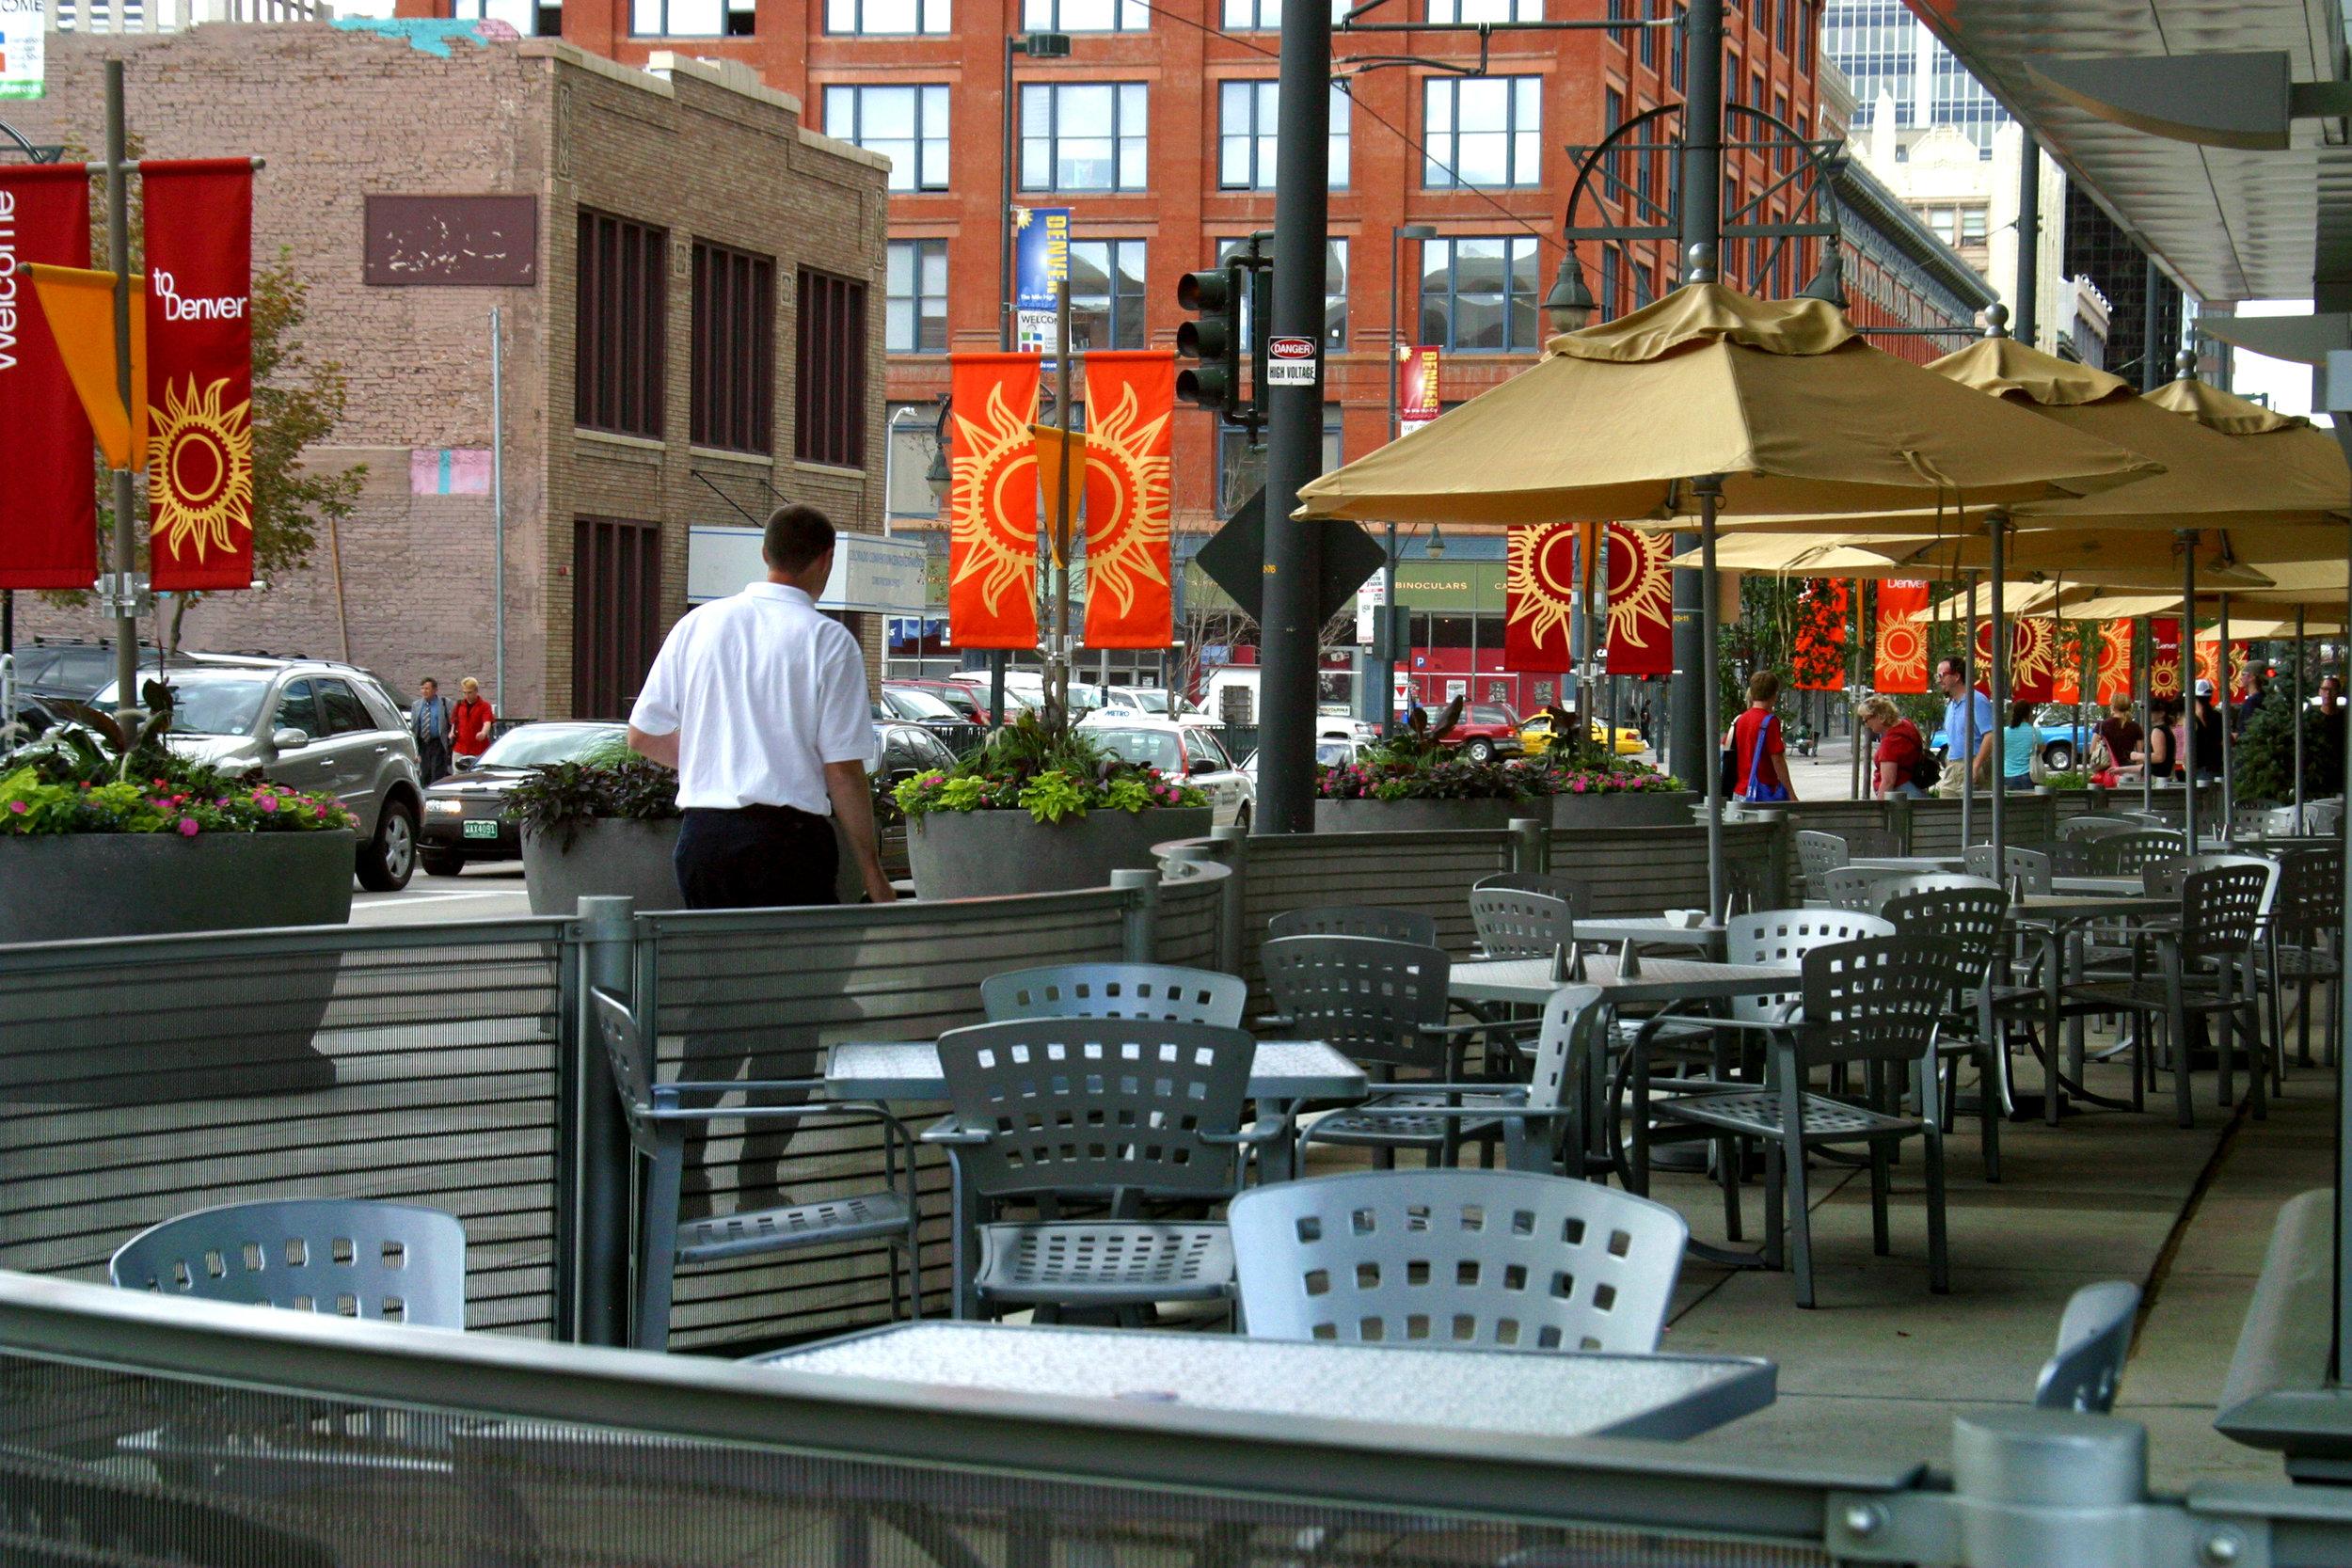 <f>Markets</f><f>Community</f><f>Services</f><f>LandscapeArchitecture</f><f>Services</f><f>UrbanDesign</f><t>California St Redevelopment</t><m>Denver, CO</m>